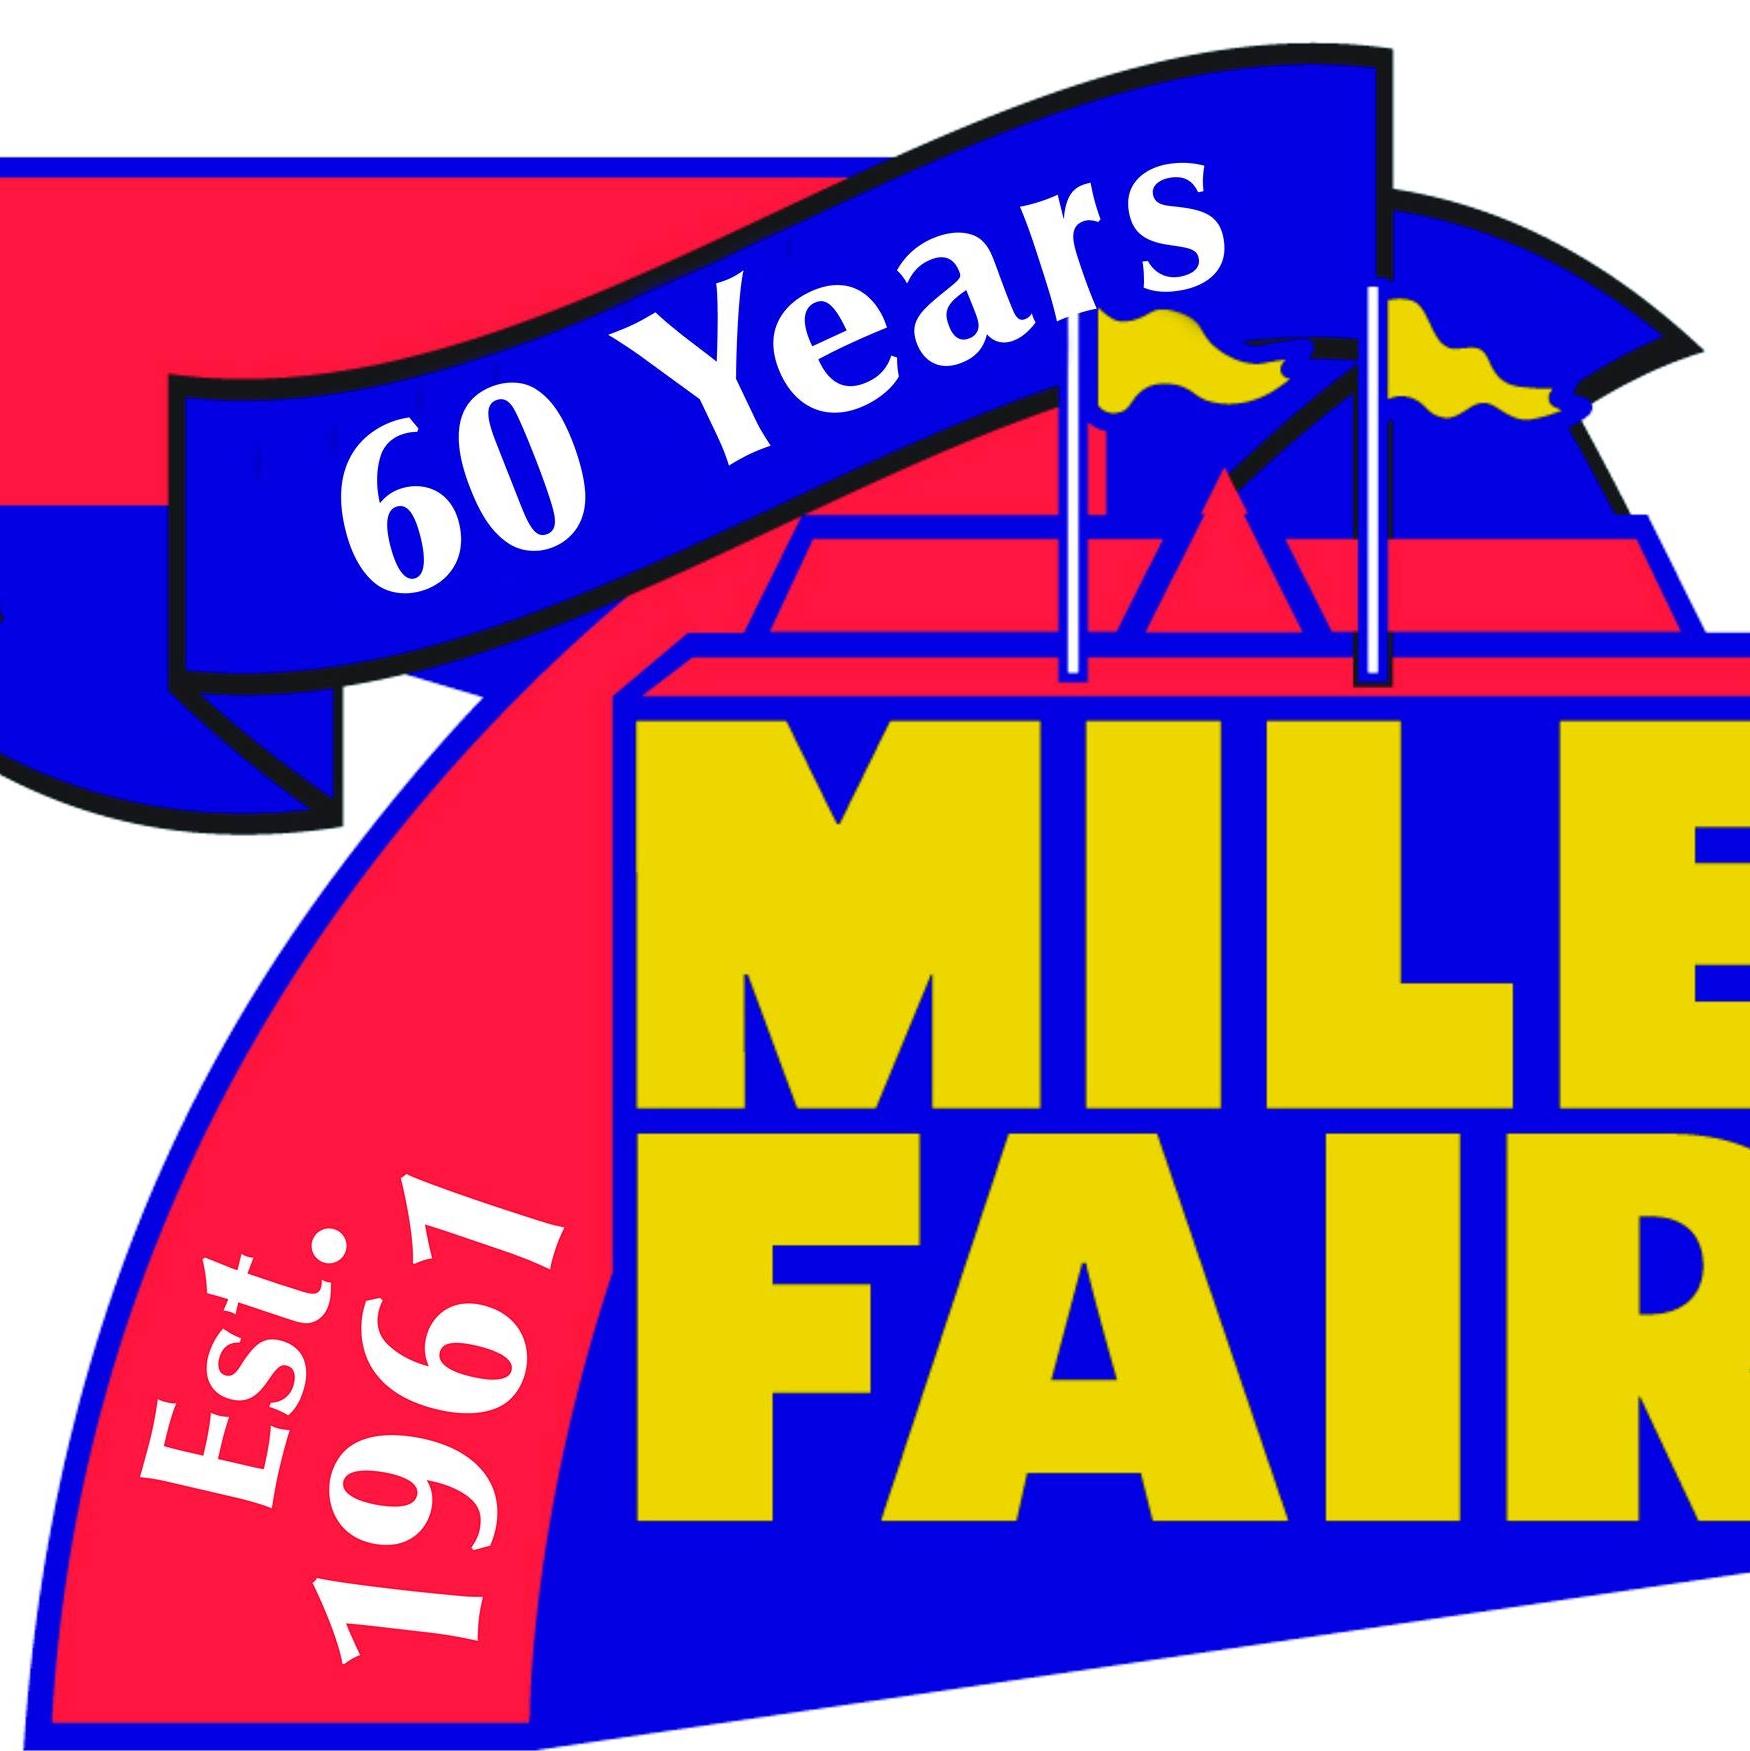 Company logo of 7 Mile Fair